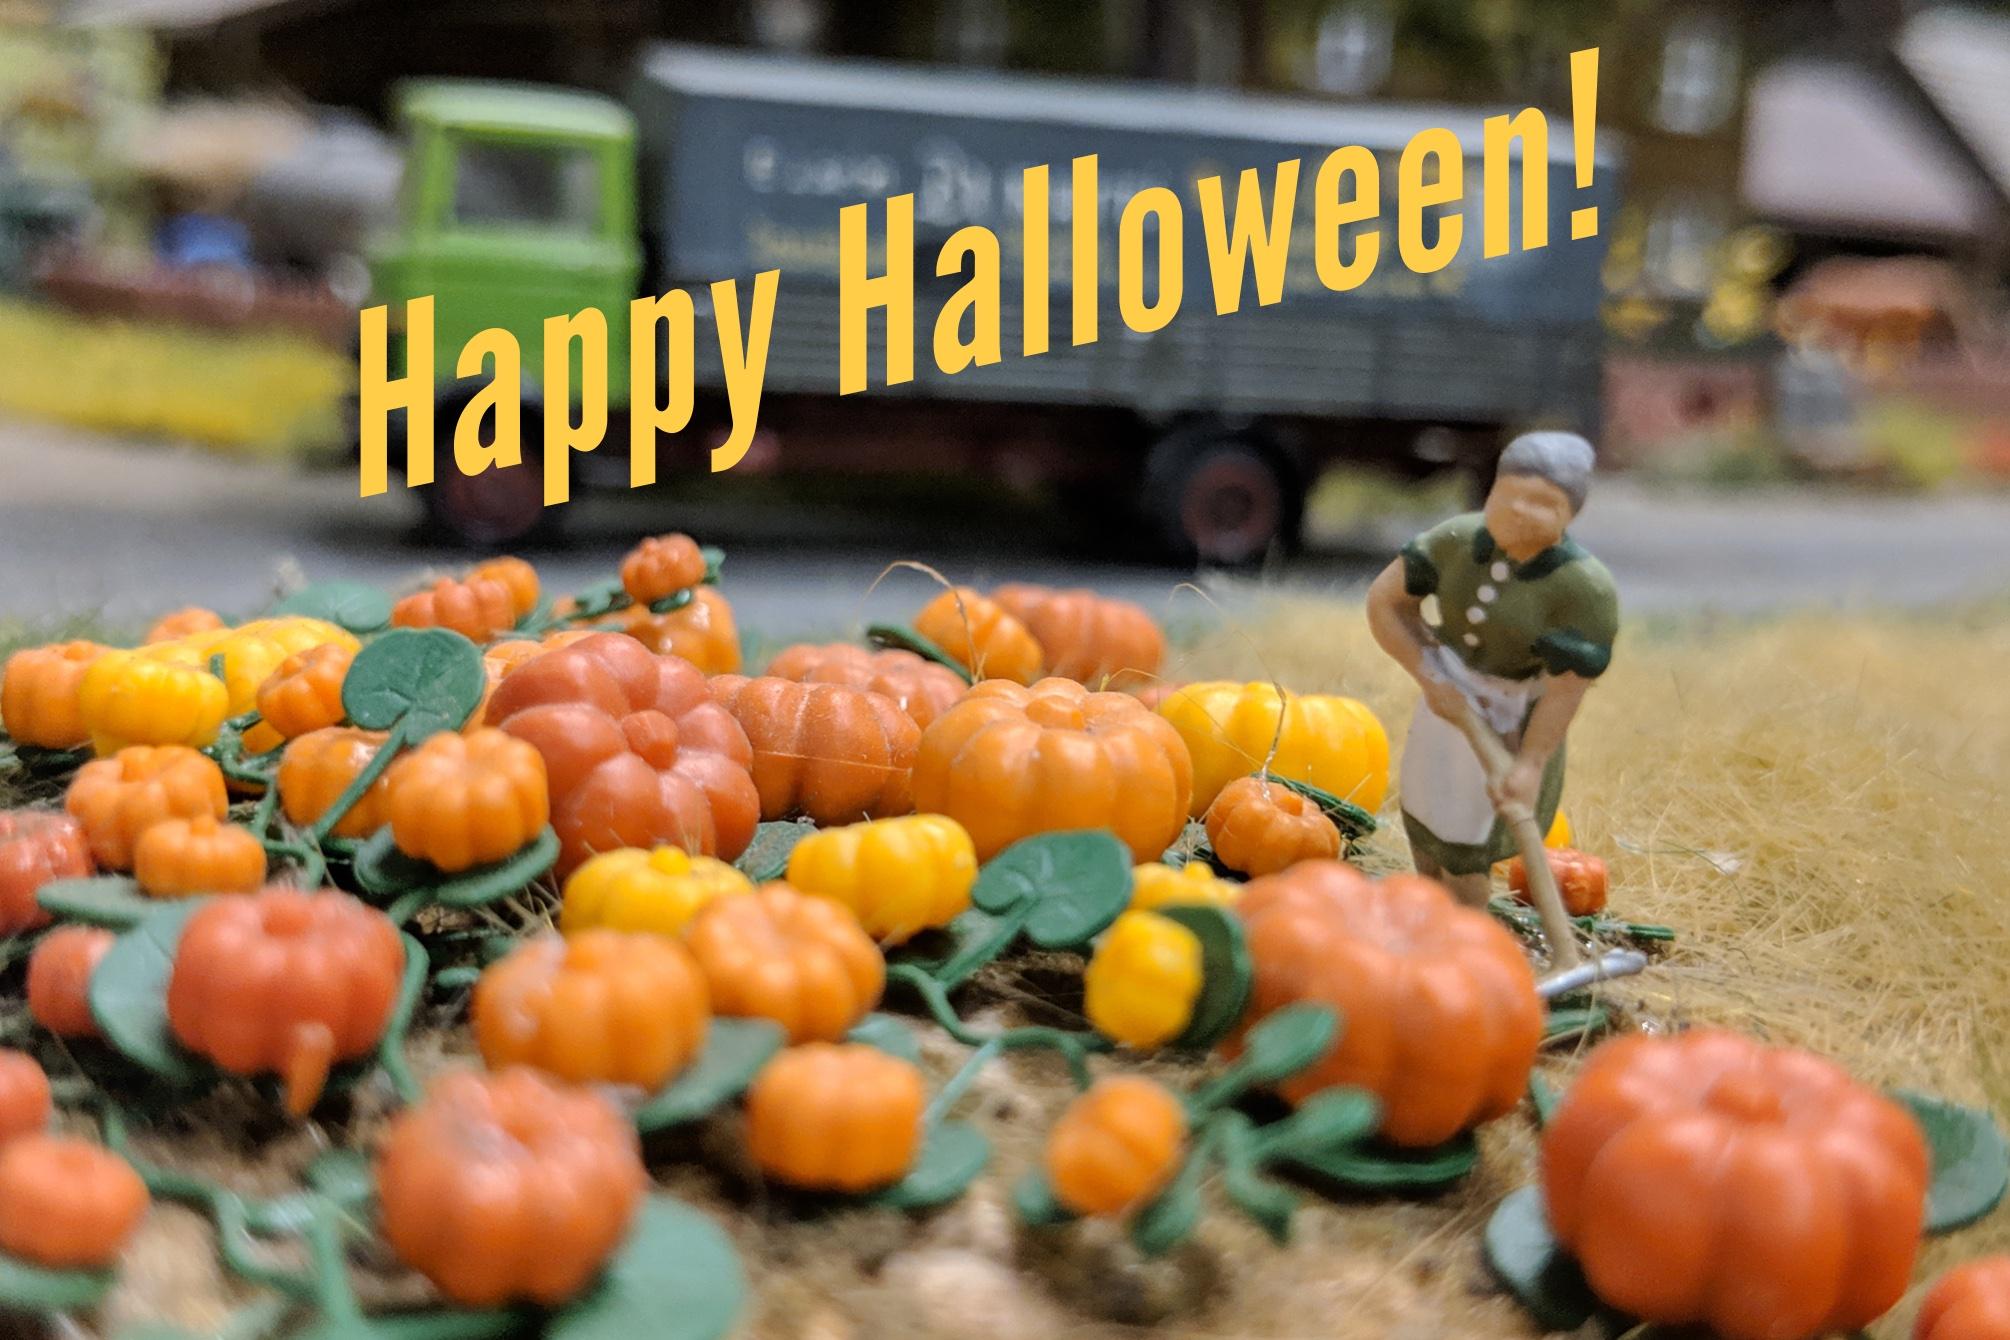 """Bauerin mit Kürbissen. Schriftzug """"Happy Halloween!"""". Eigenes Foto und Bildbearbeitung"""